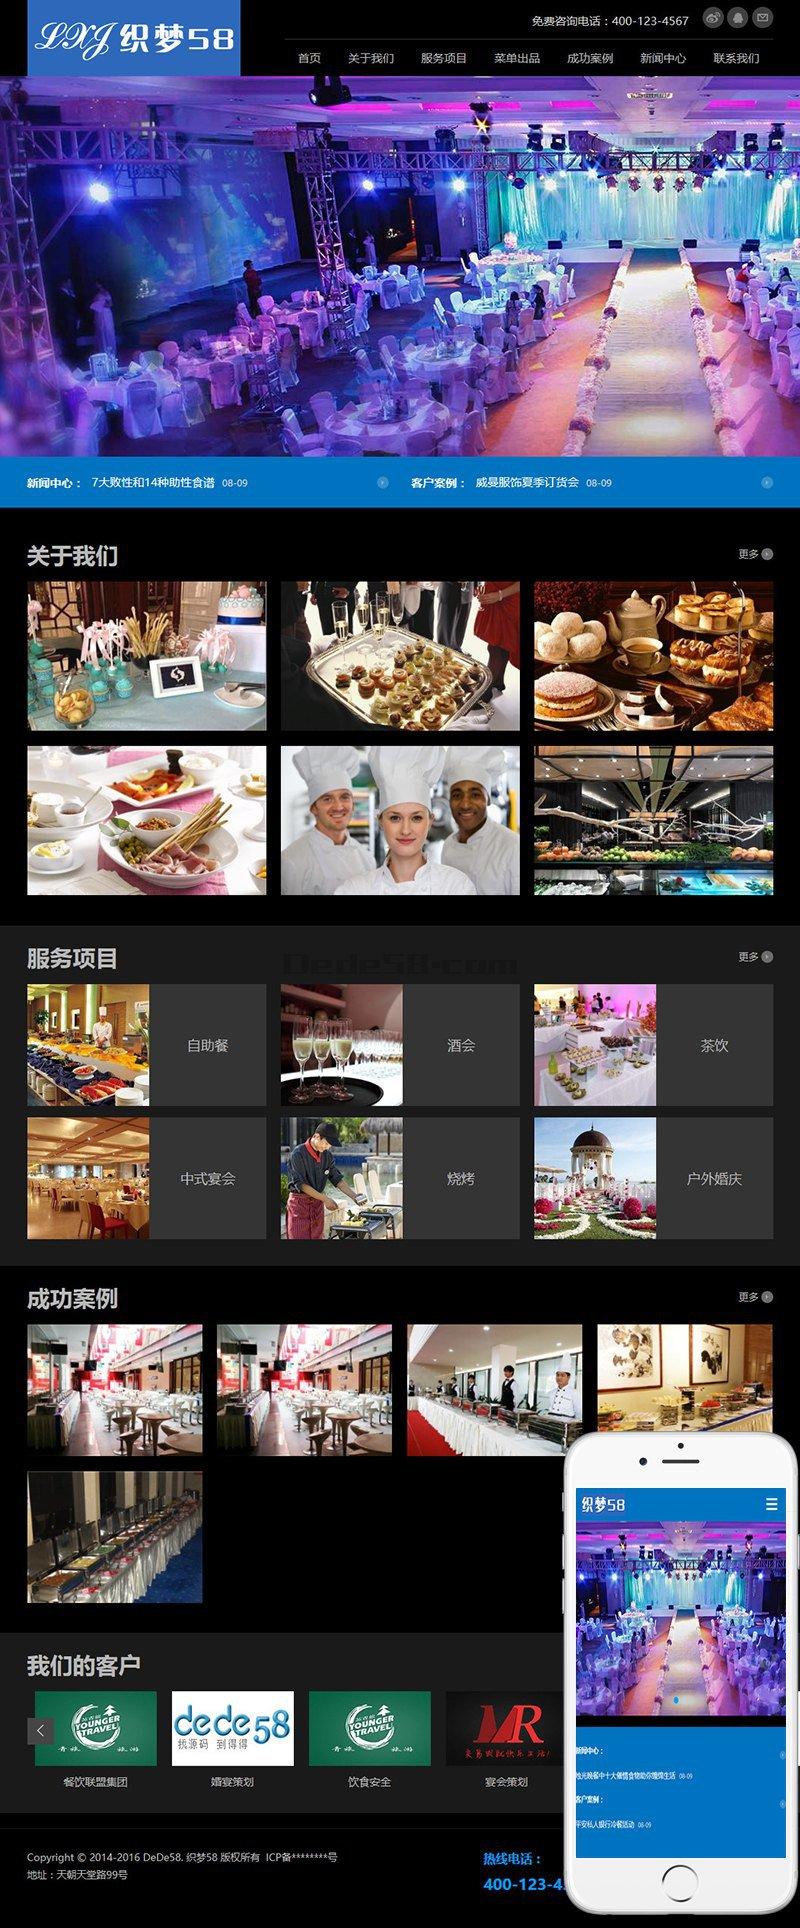 [织梦模板]自适应宴会展厅展览类网站模板(响应式dedecms模板)